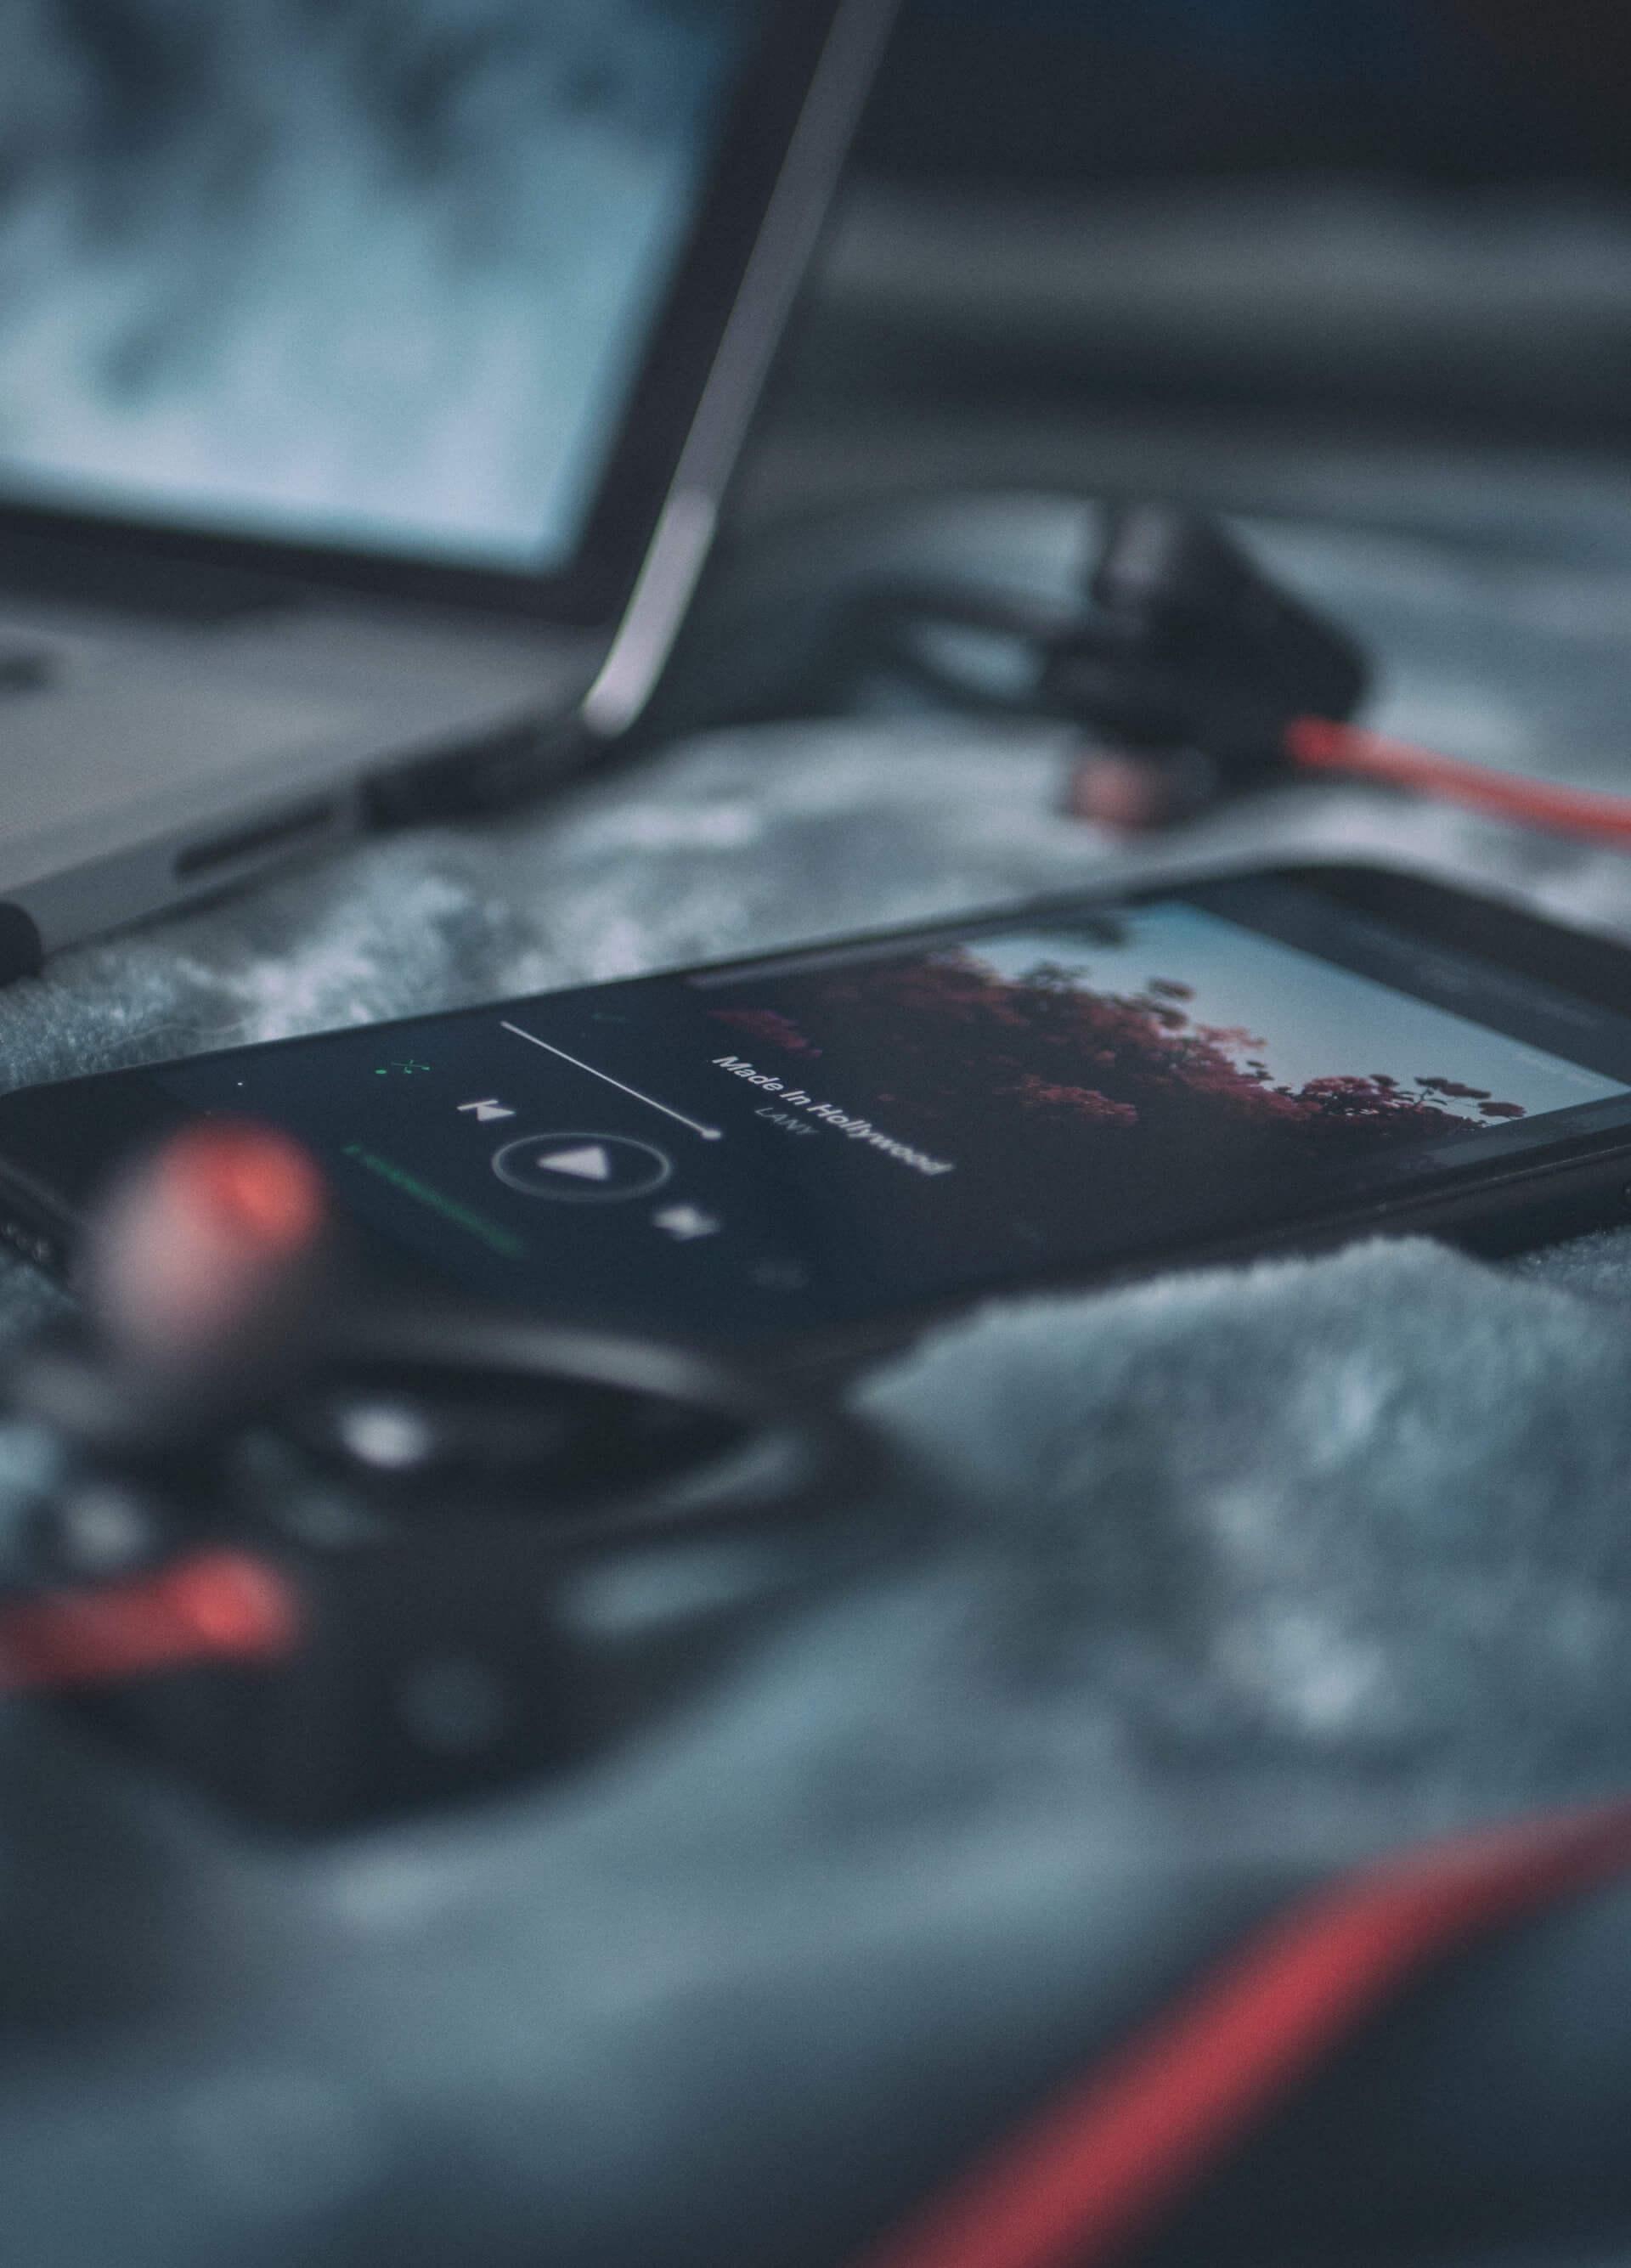 application de musique ouverte sur un cellulaire